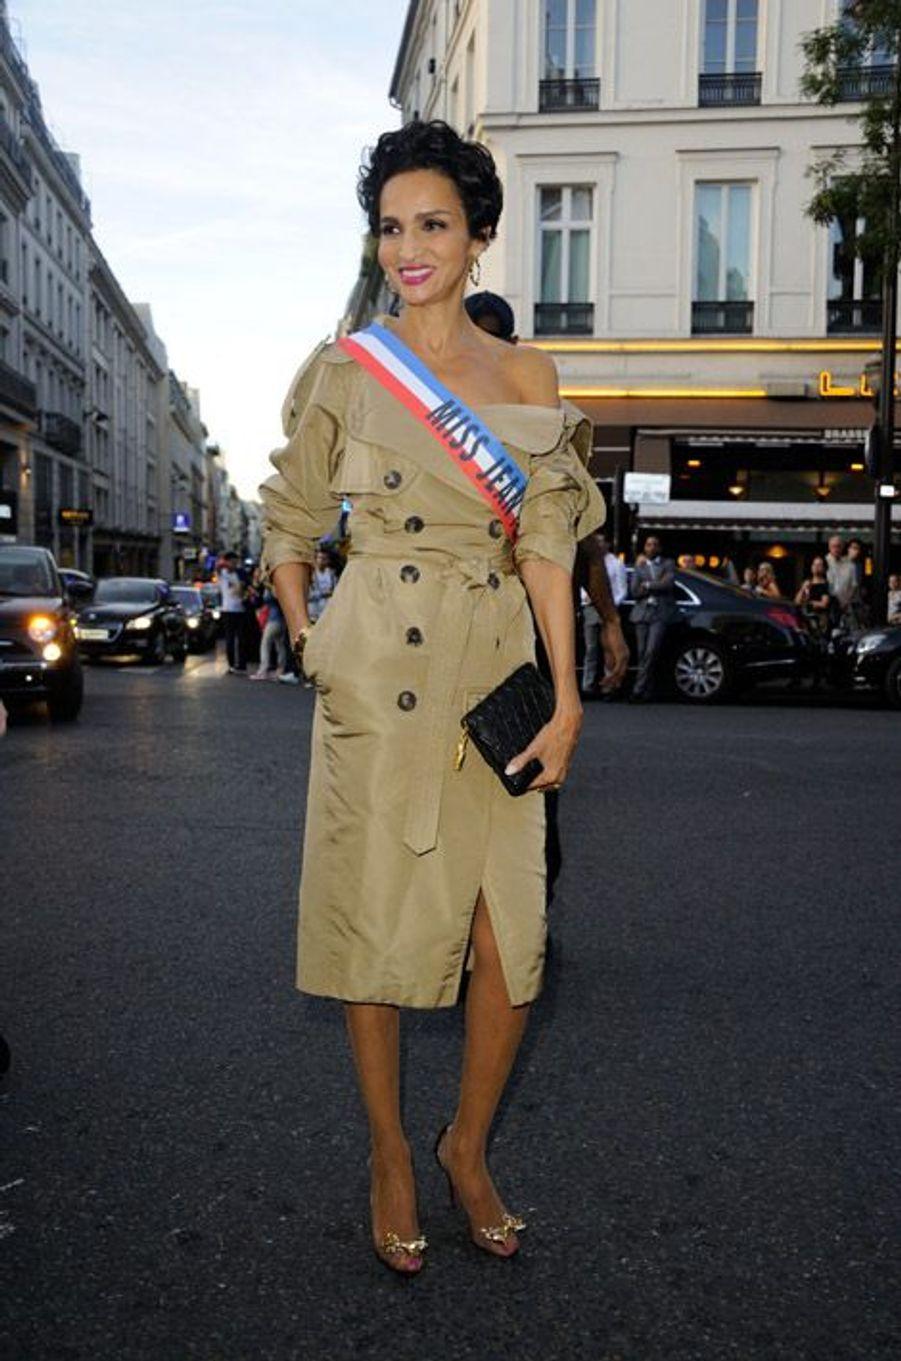 L'ancien mannequin Farida Khelfa au défilé Jean Paul Gaultier printemps-été 2015 à Paris, le 27 septembre 2014